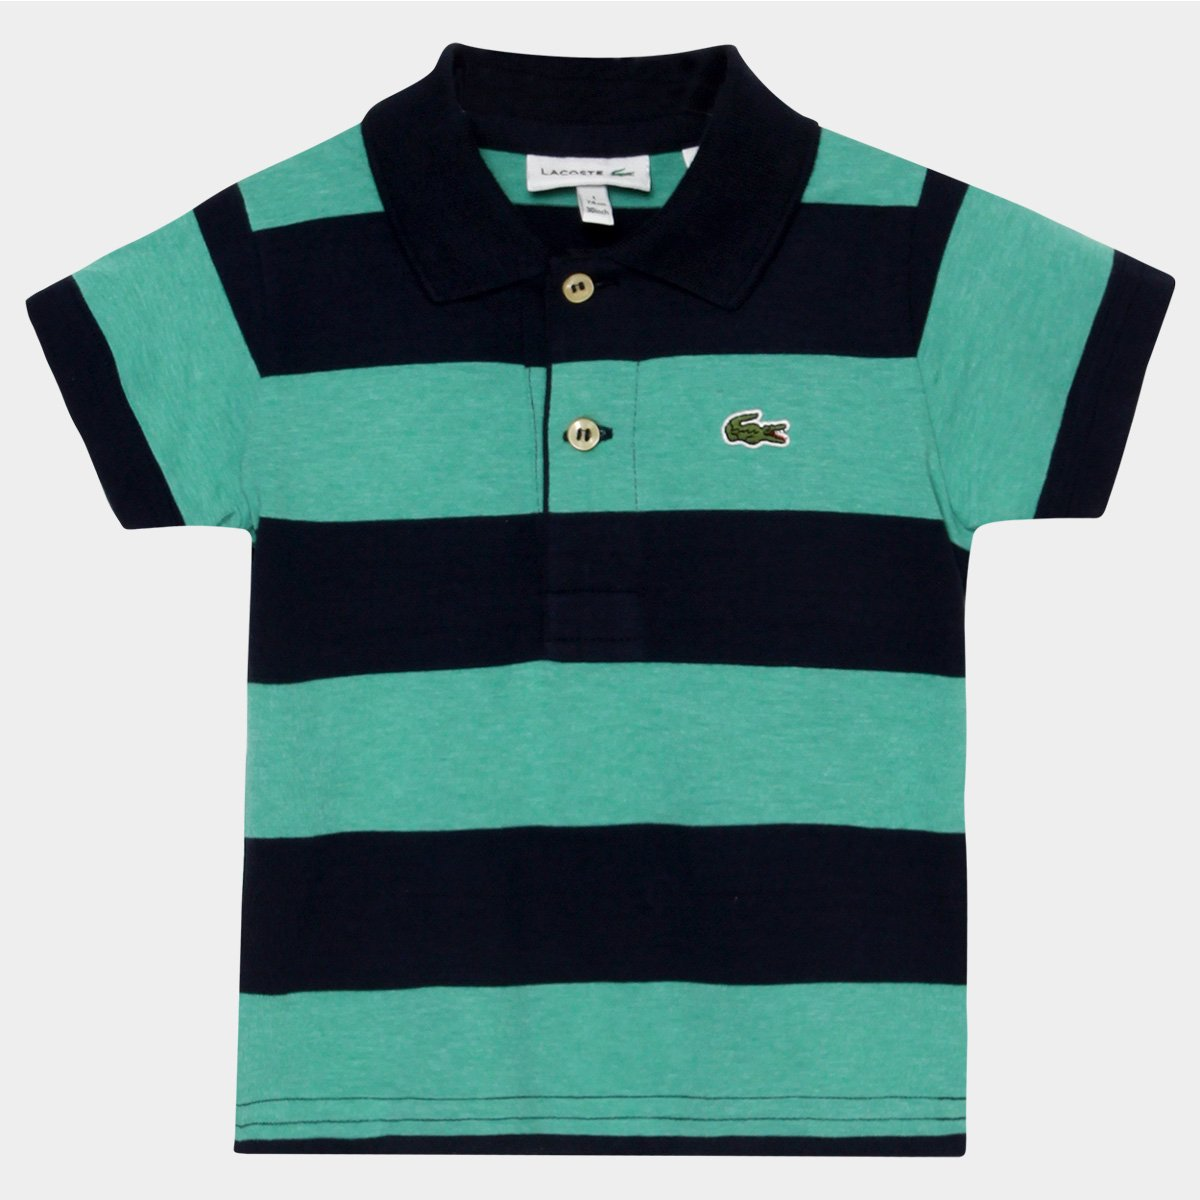 d03a4880a29e7 Camisa Polo Lacoste Infantil - Compre Agora